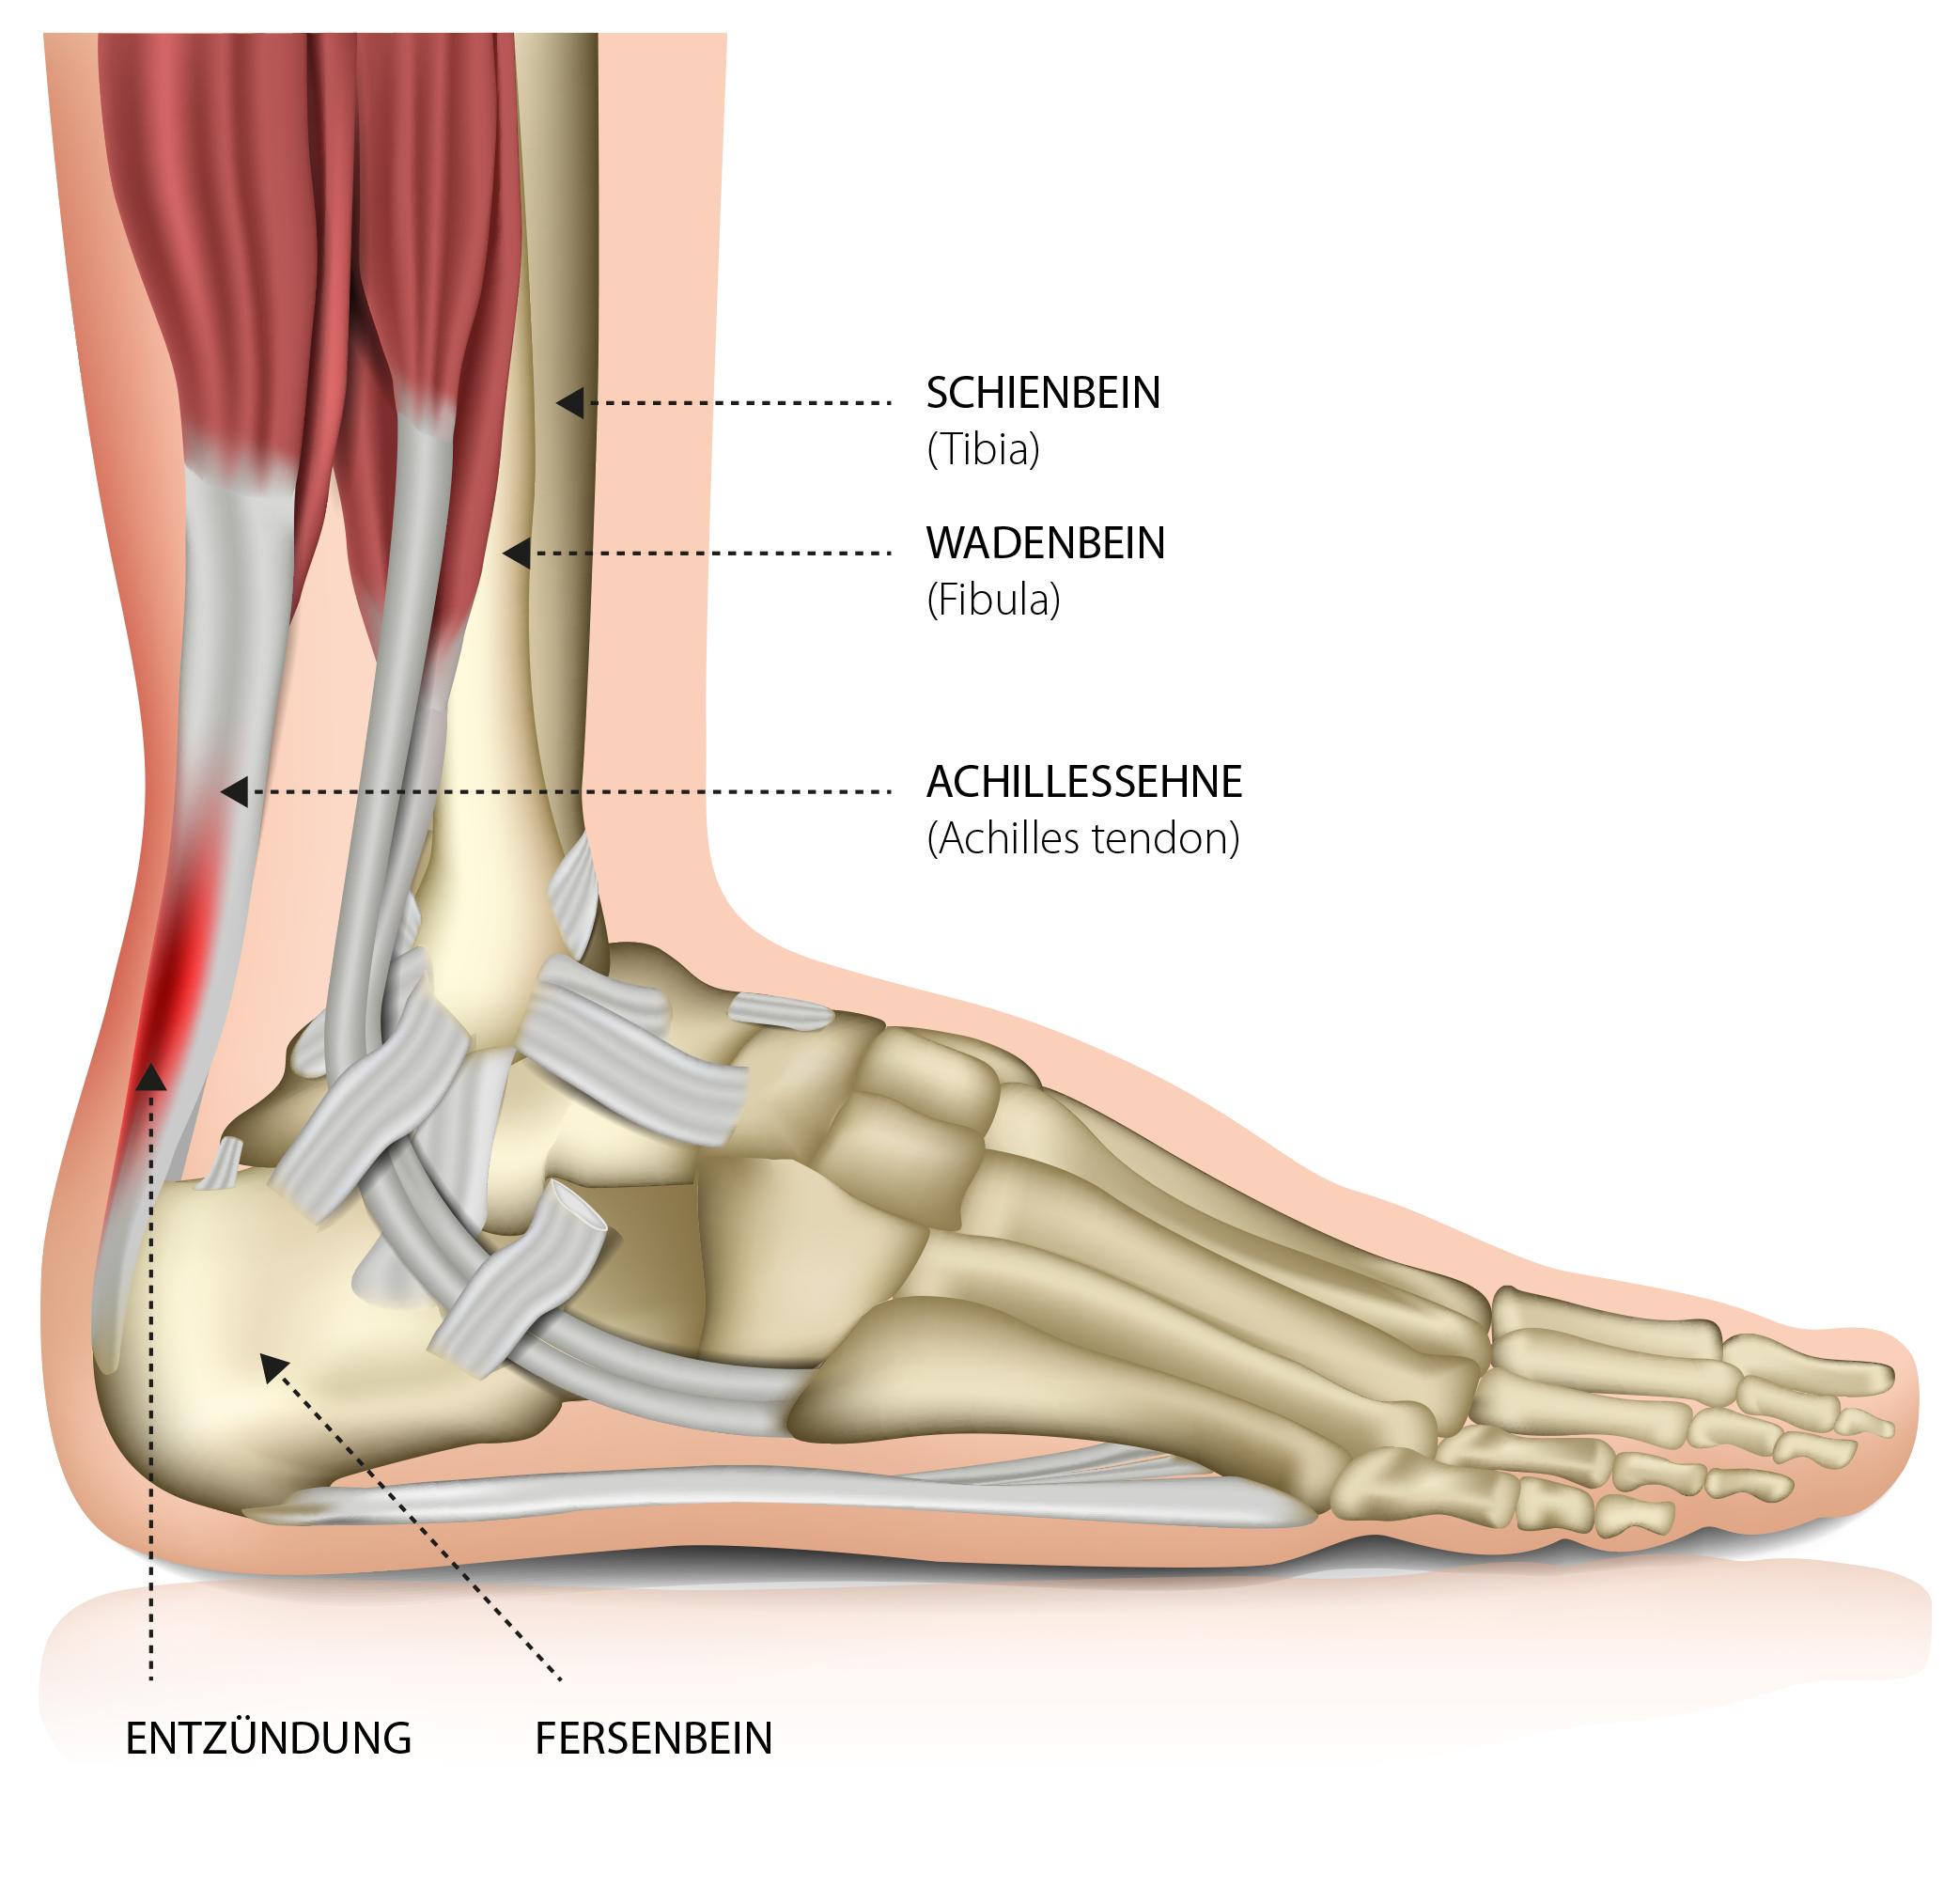 Achillessehnenverletzung, Achillessehne – Dr. Matthias Marquardt